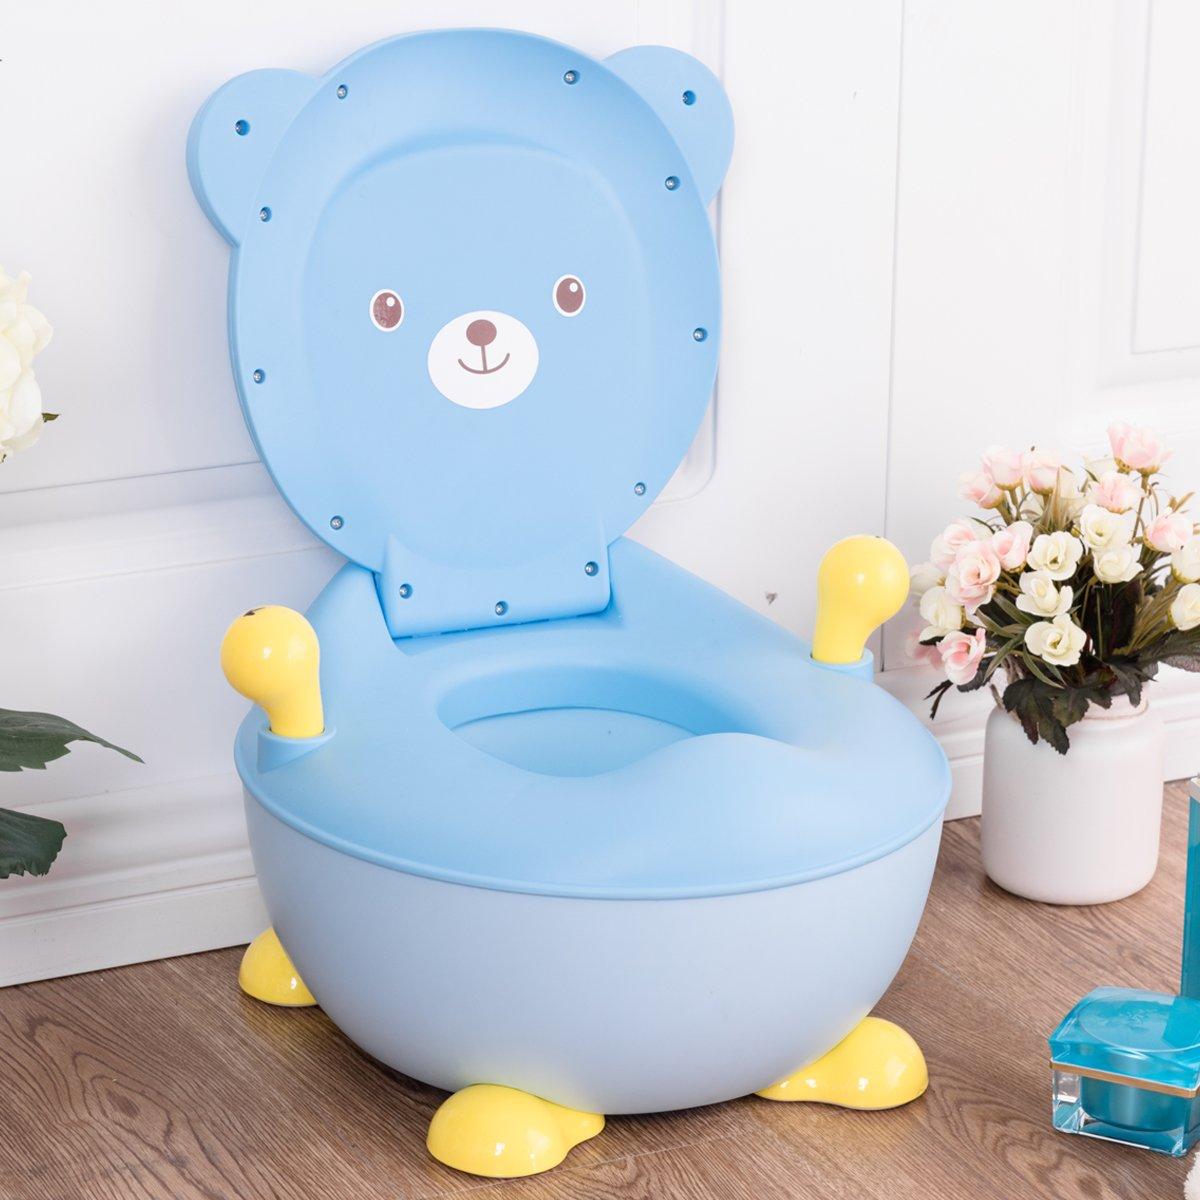 familie.de-Tipp: Kindertöpfchen mit Griffe zum Toilettentraining für Kleinkinder von 6 Monaten bis 5 Jahre